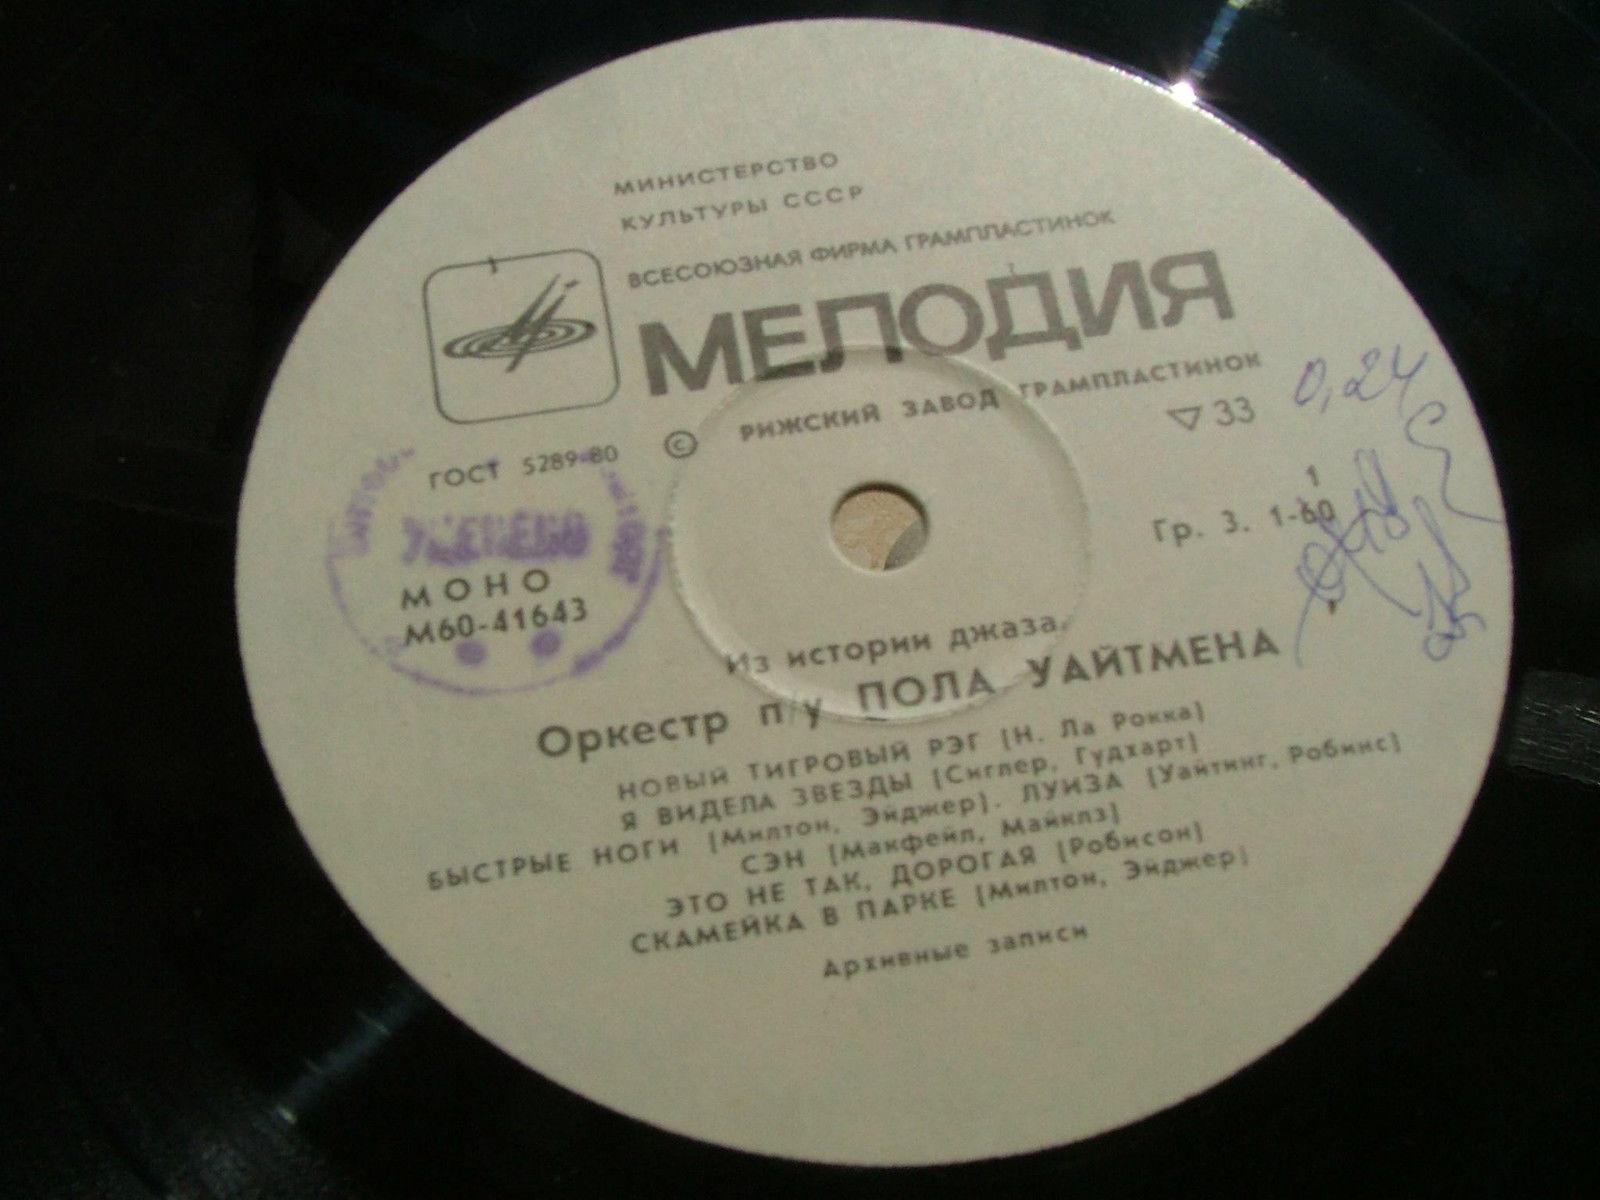 Whiteman Paul & His Orchestra -- From history jazz - Melodiya Rare Record image 2